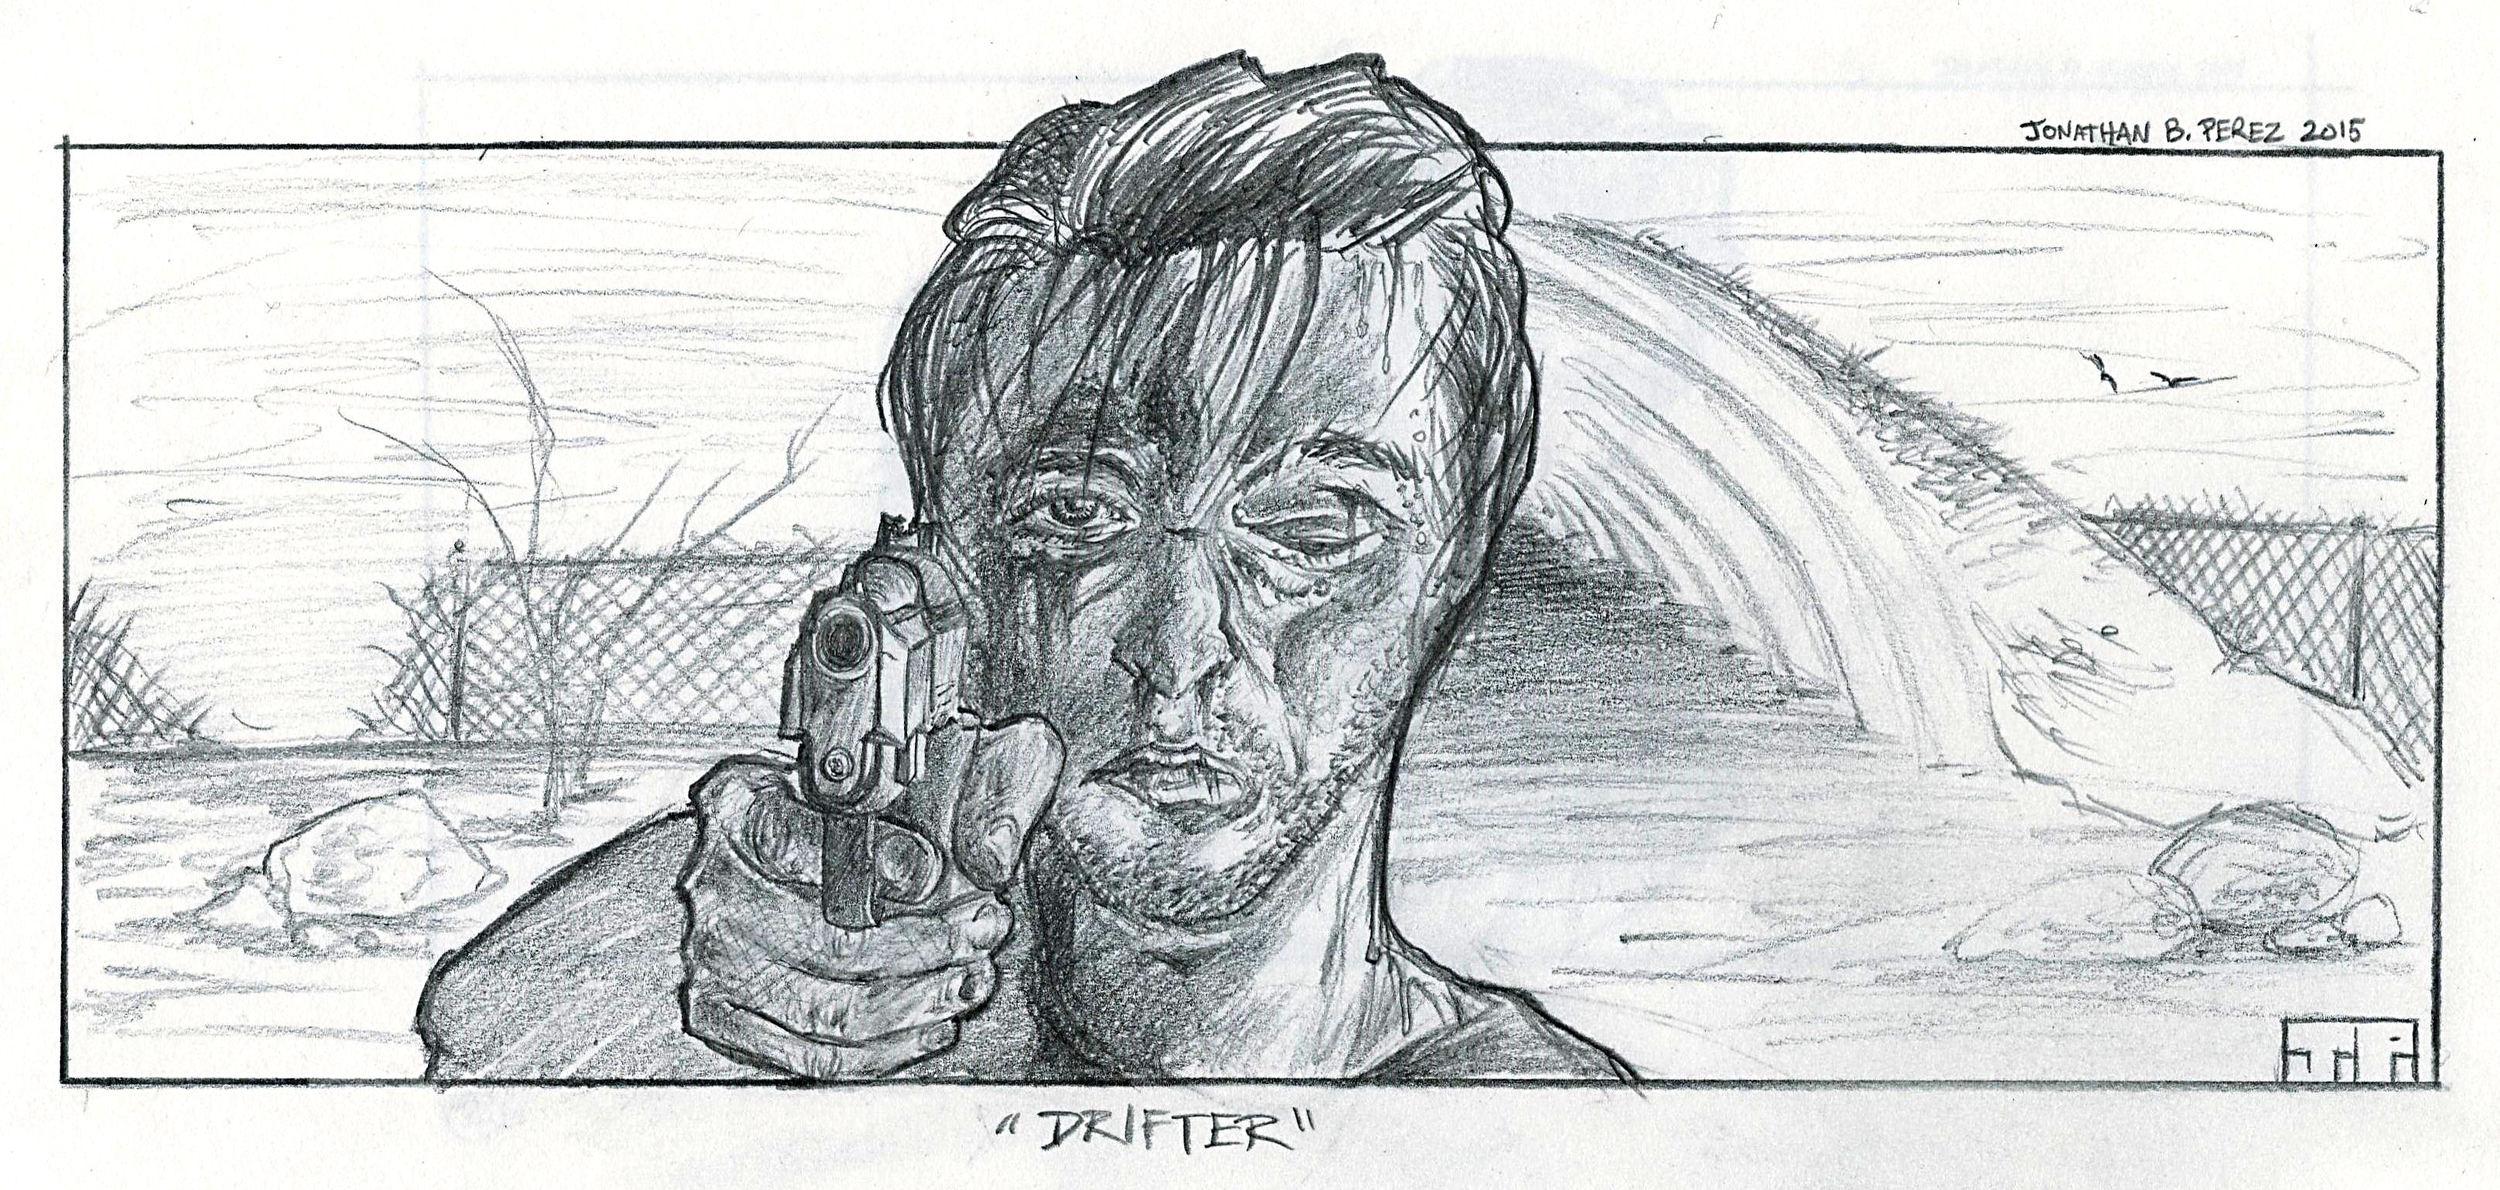 drifter_13.JPG